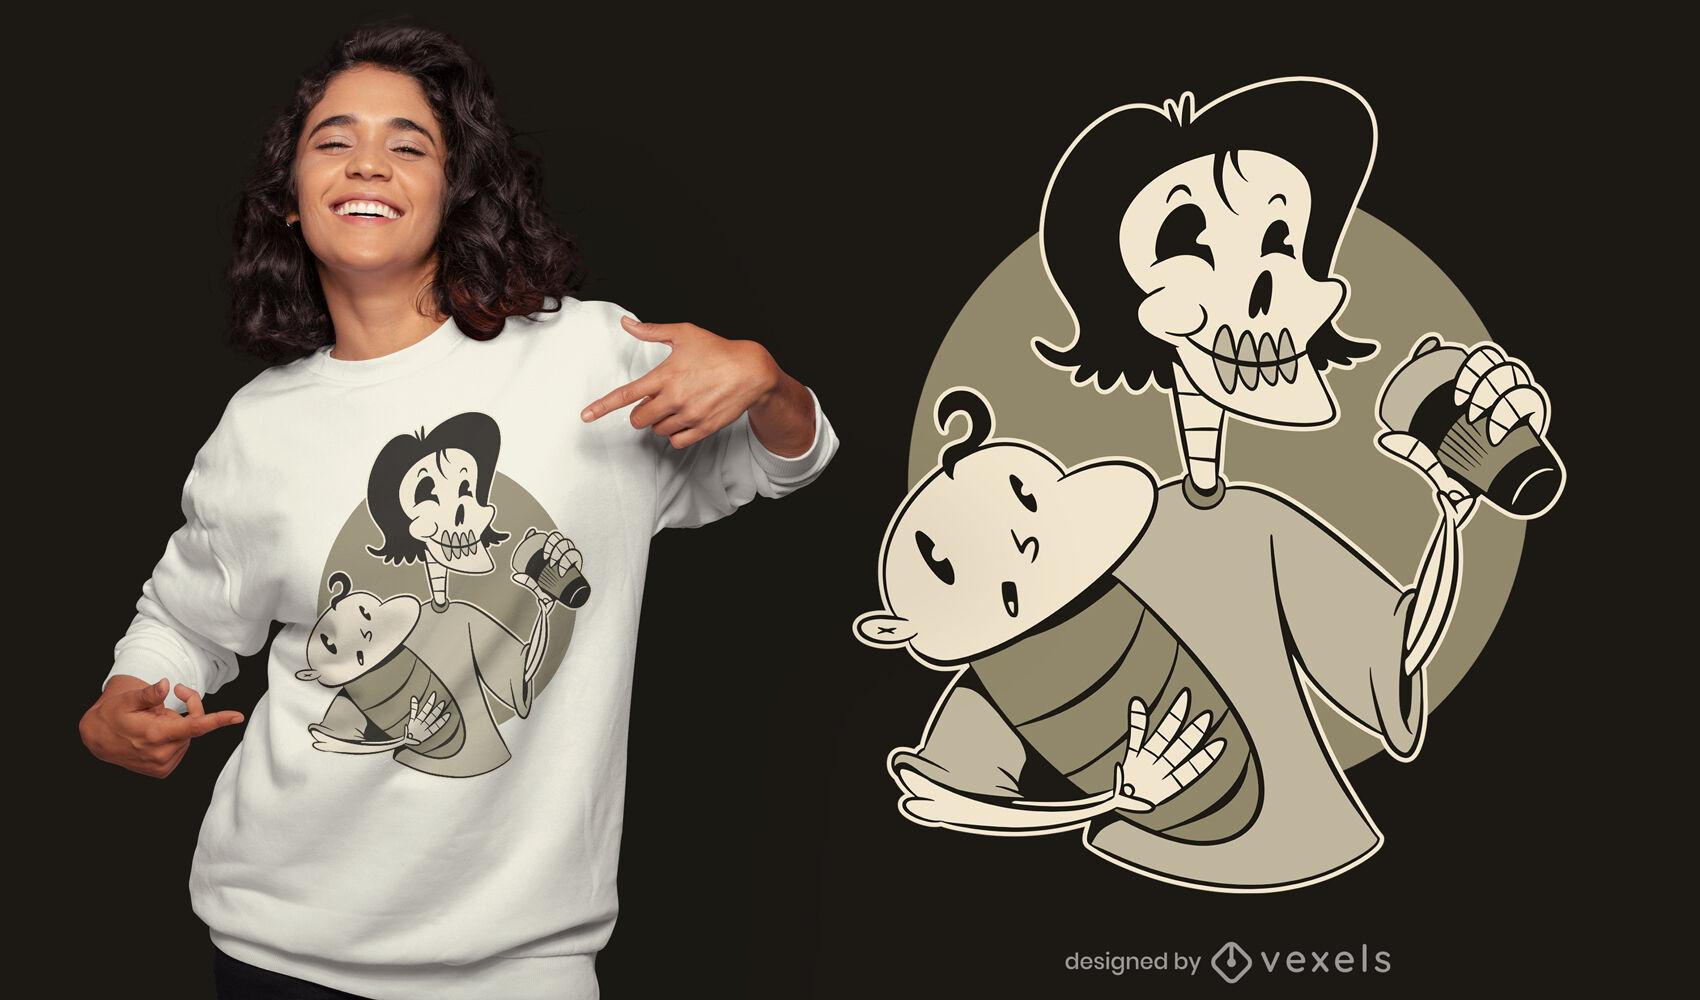 Skelett-Mutter- und Baby-T-Shirt-Design